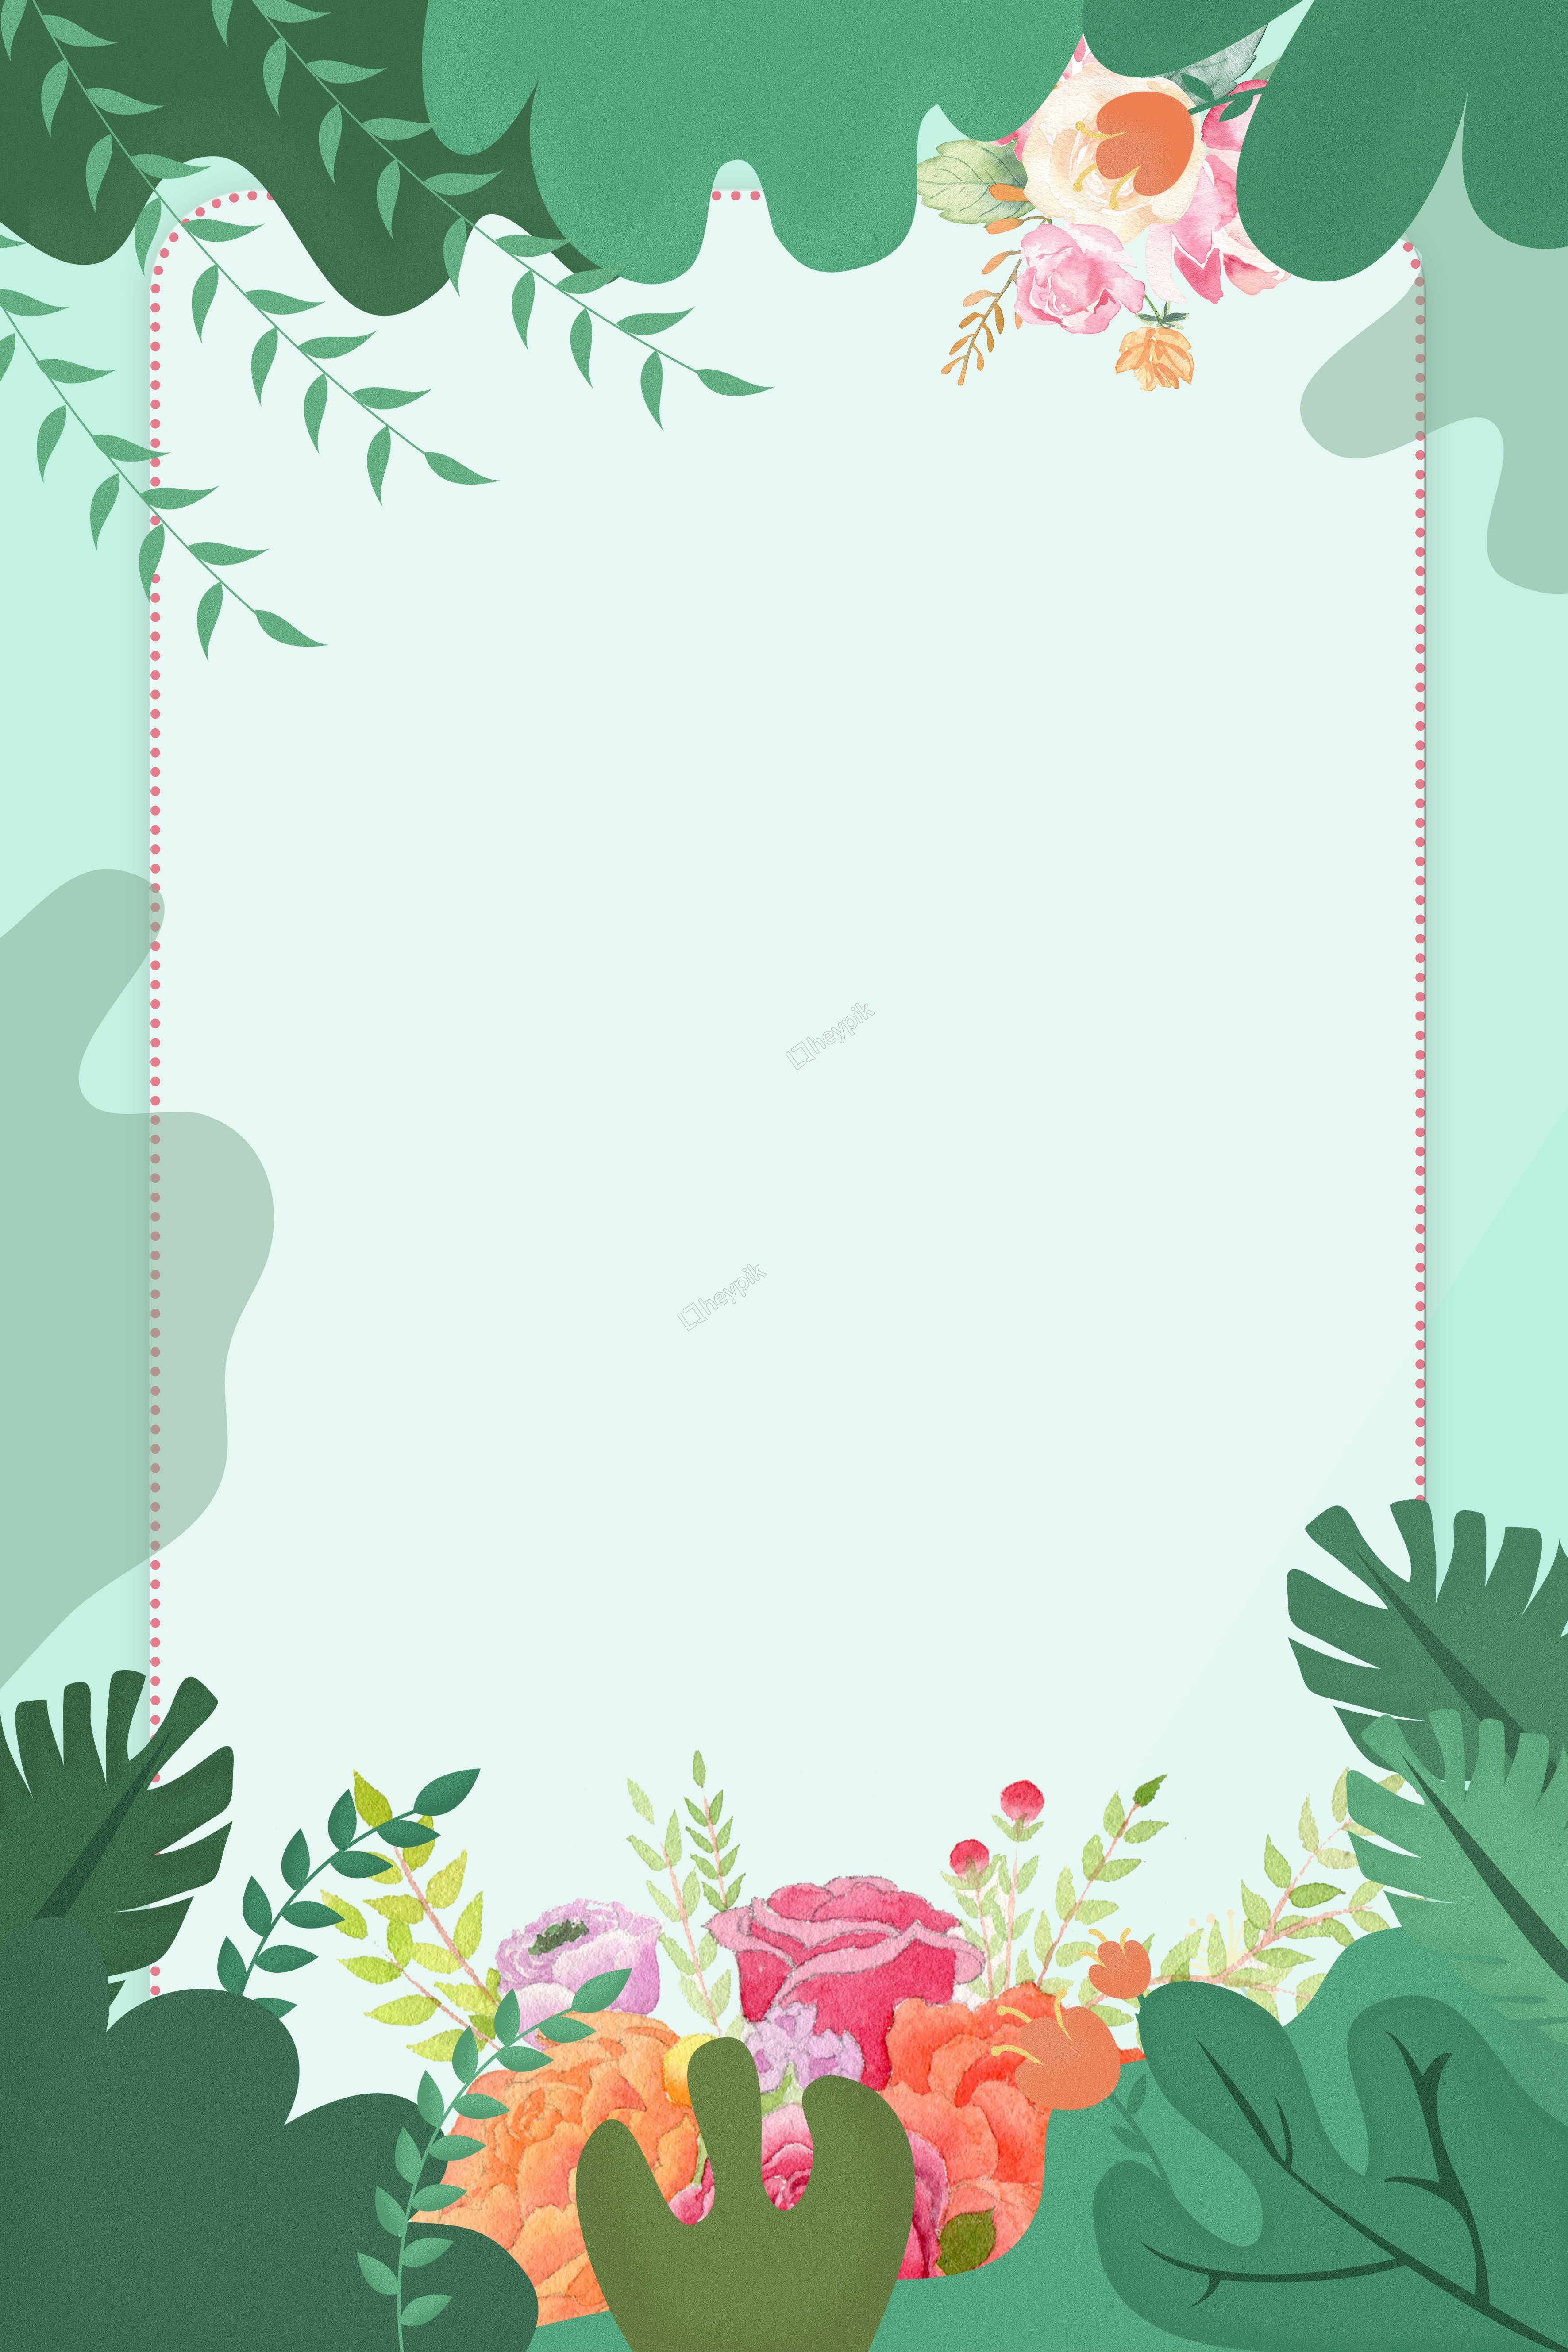 Download Floral Border Leaves Green Wedding Download HQ ... |Green Flower Border